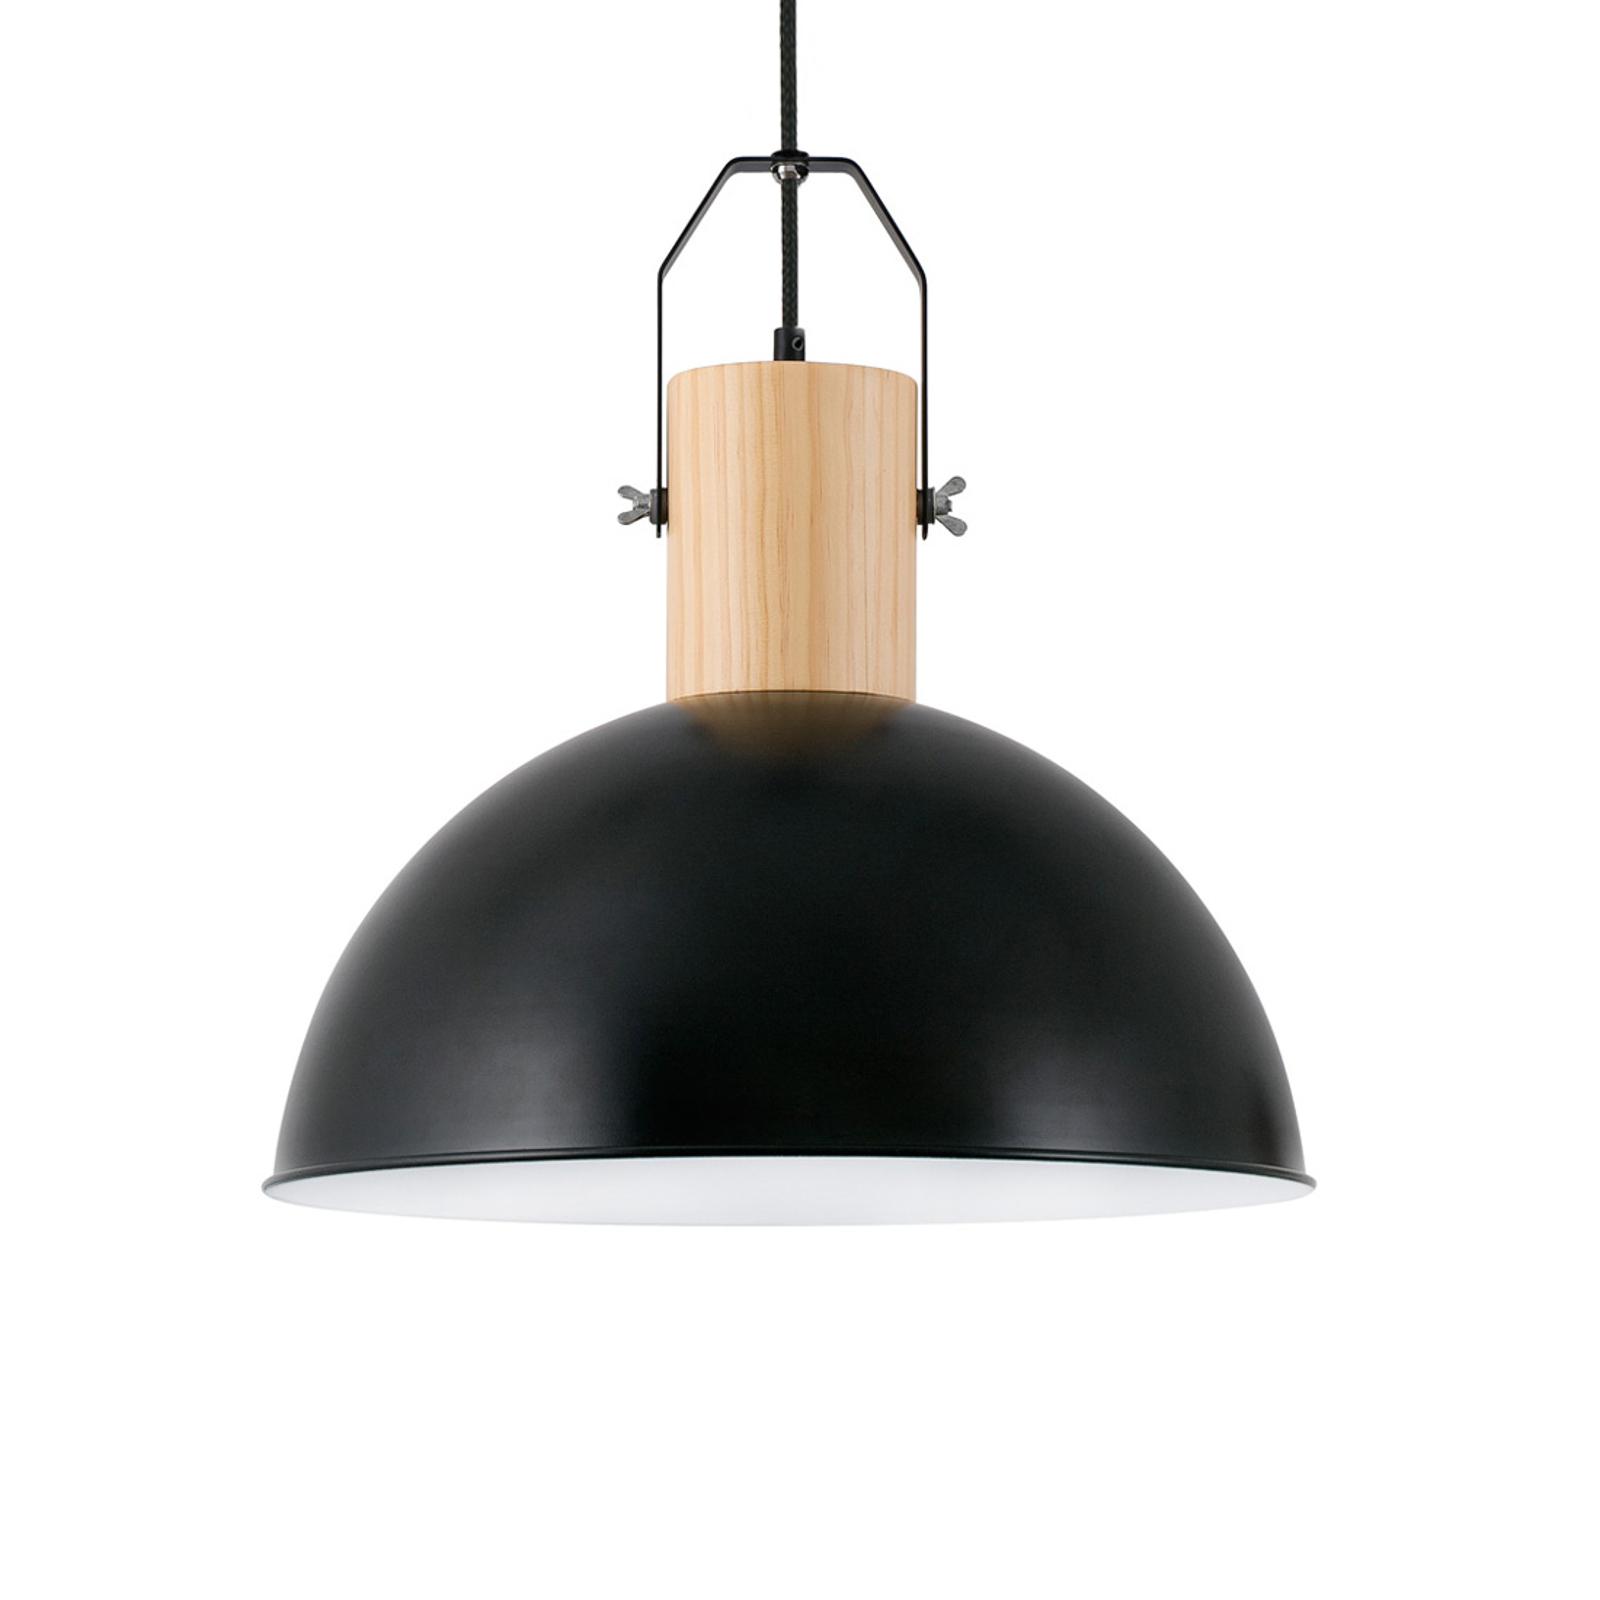 Hængelampe Margot i metal, sort